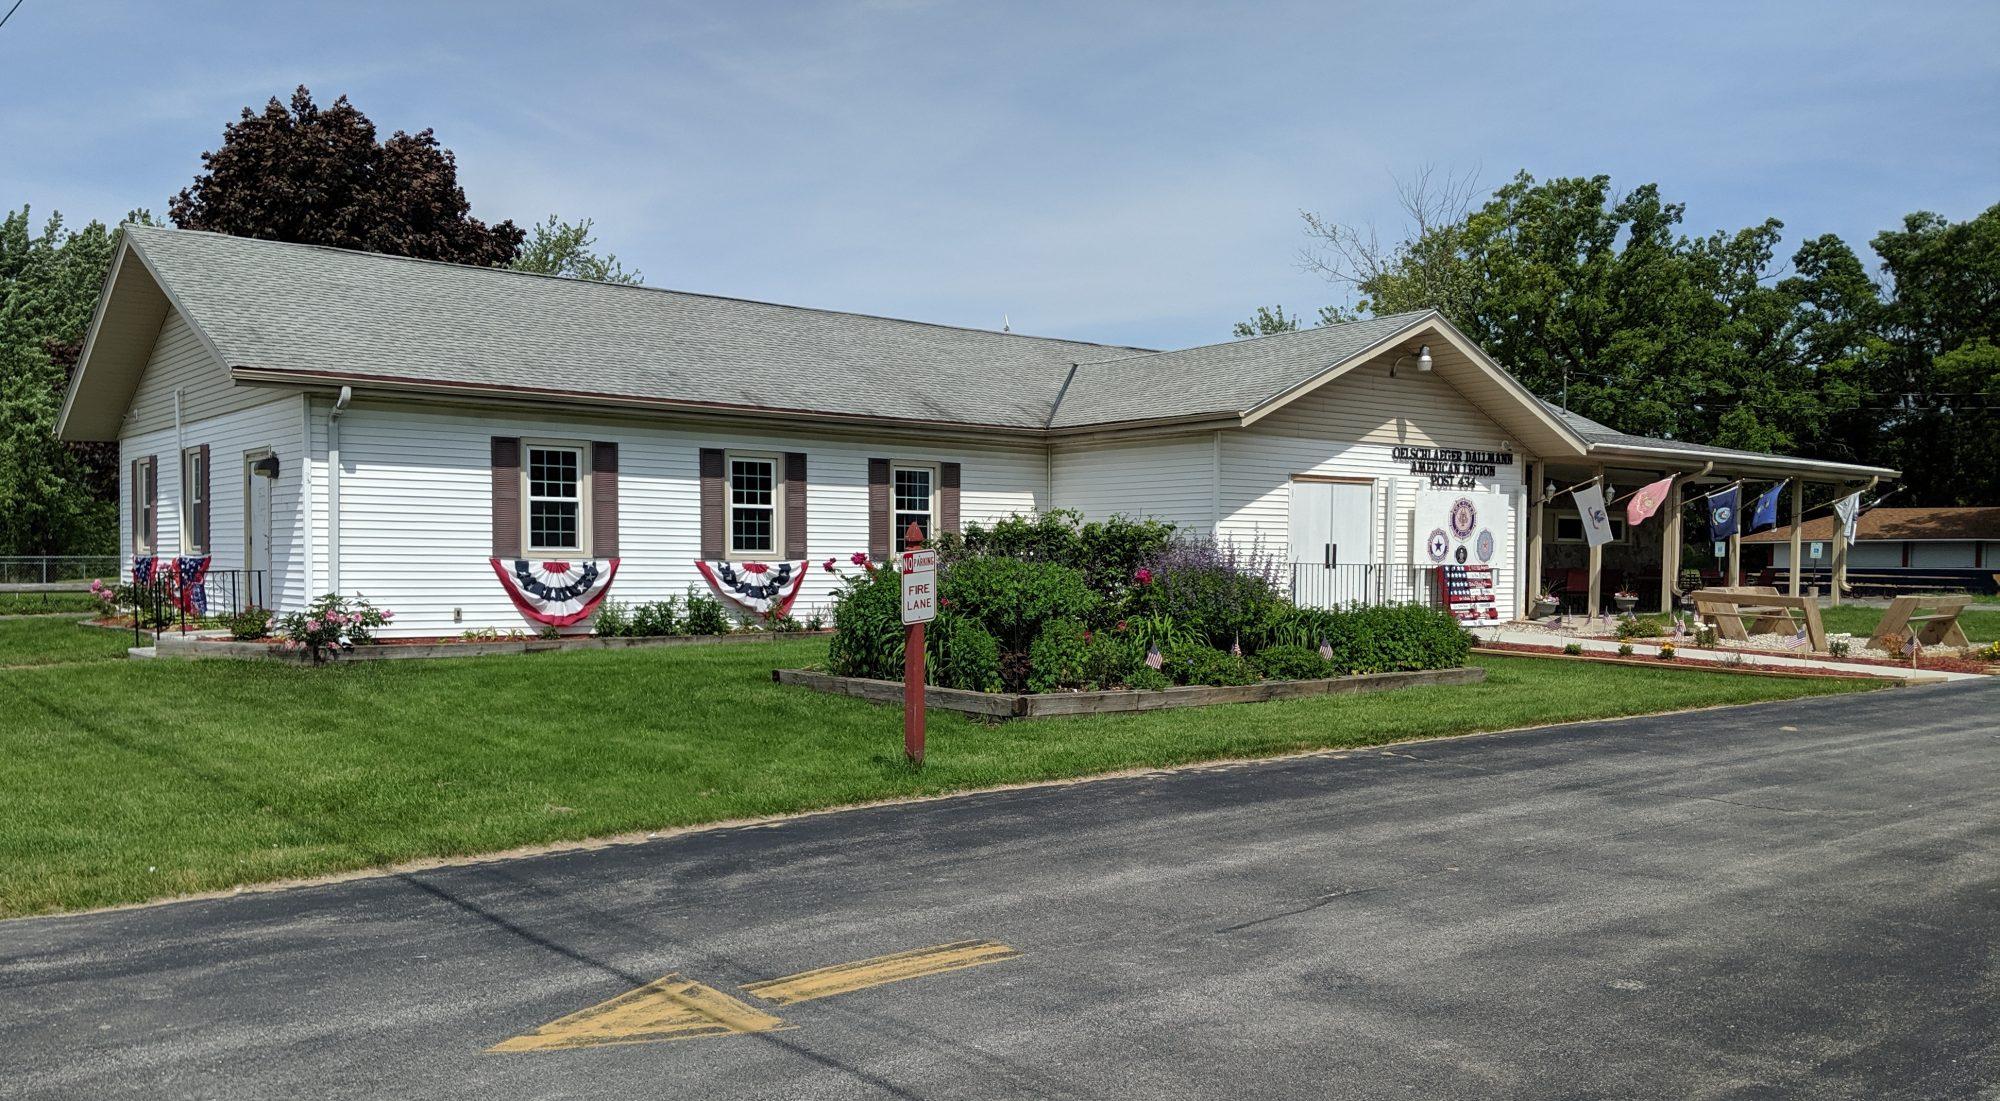 Oak Creek American Legion Post 434